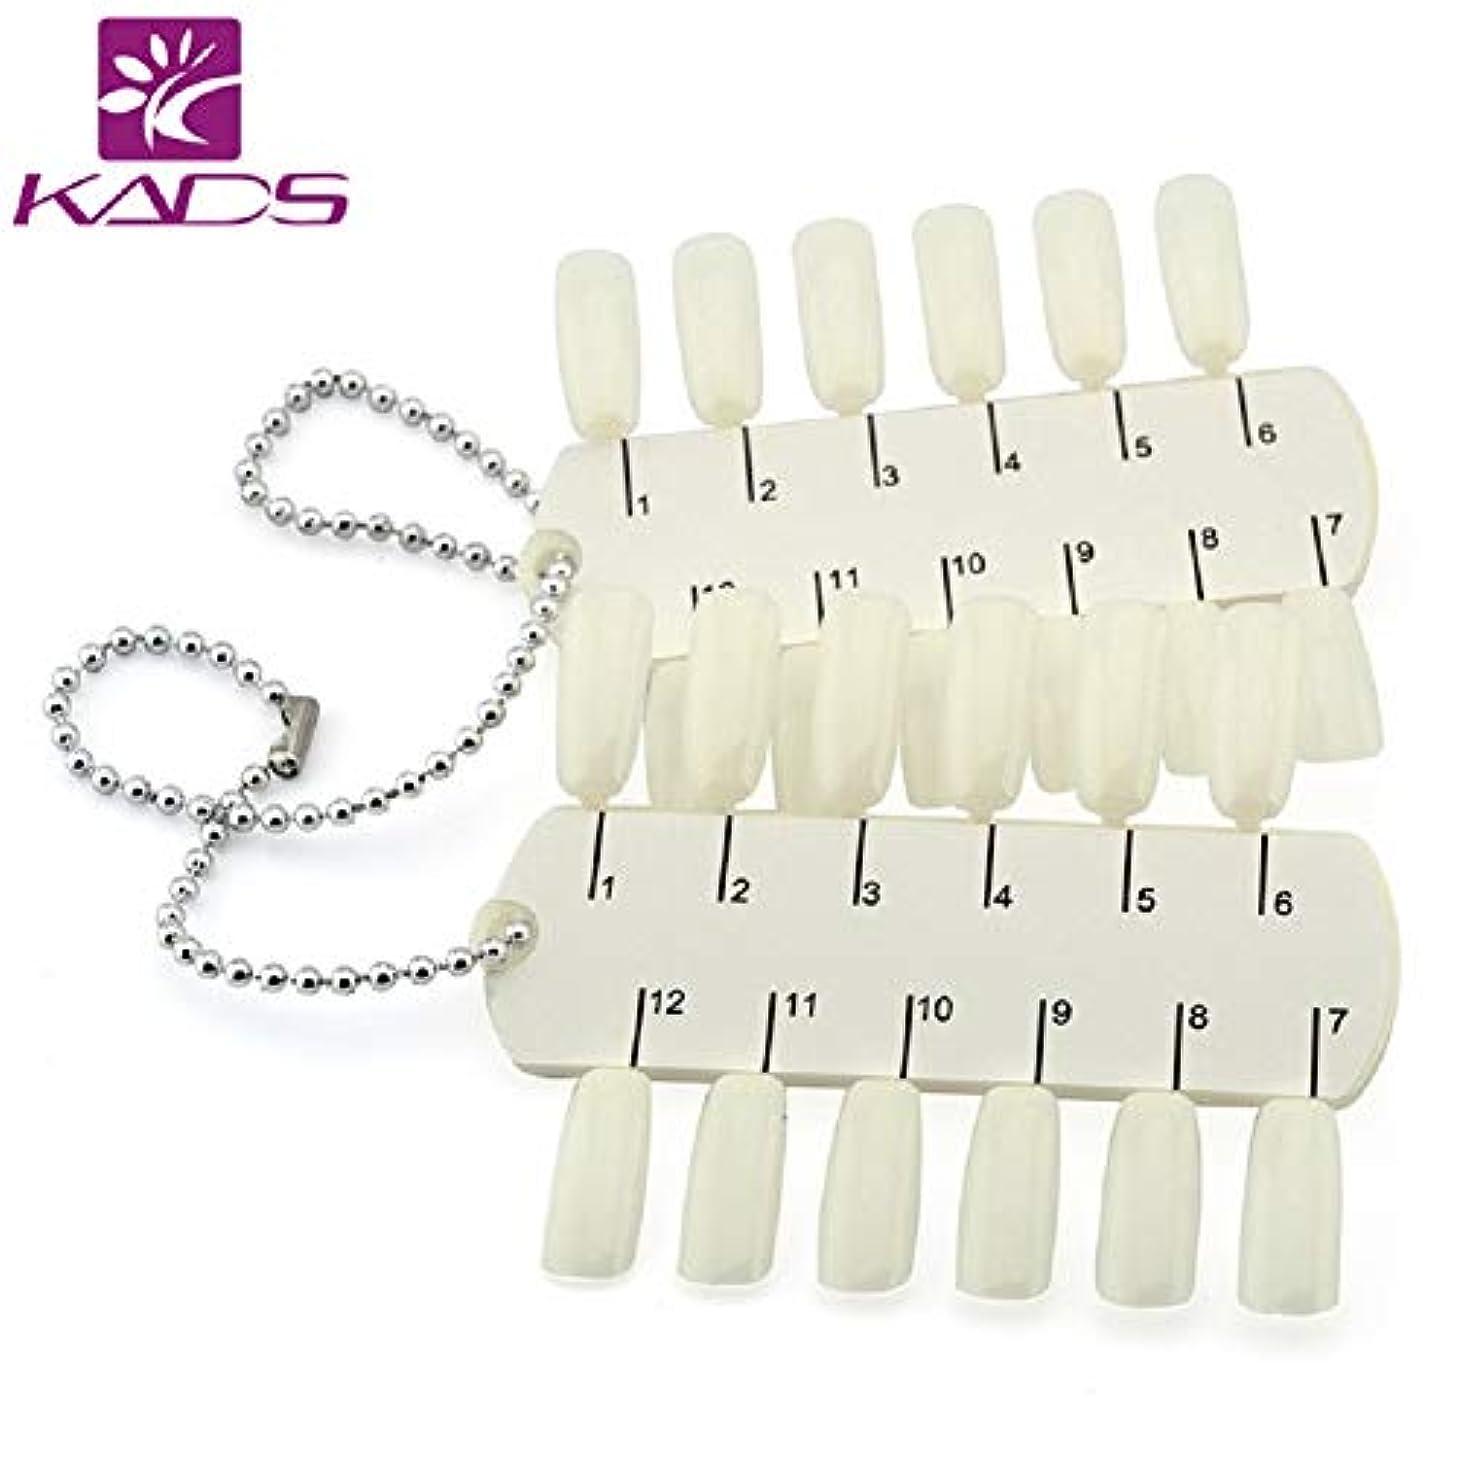 設置愚かな仮装KADS ネイルカラーチャート 24 ティップネイルカラーディスプレイカード ネイルアートディスプレイプレート ネイルポリッシュカラーカード